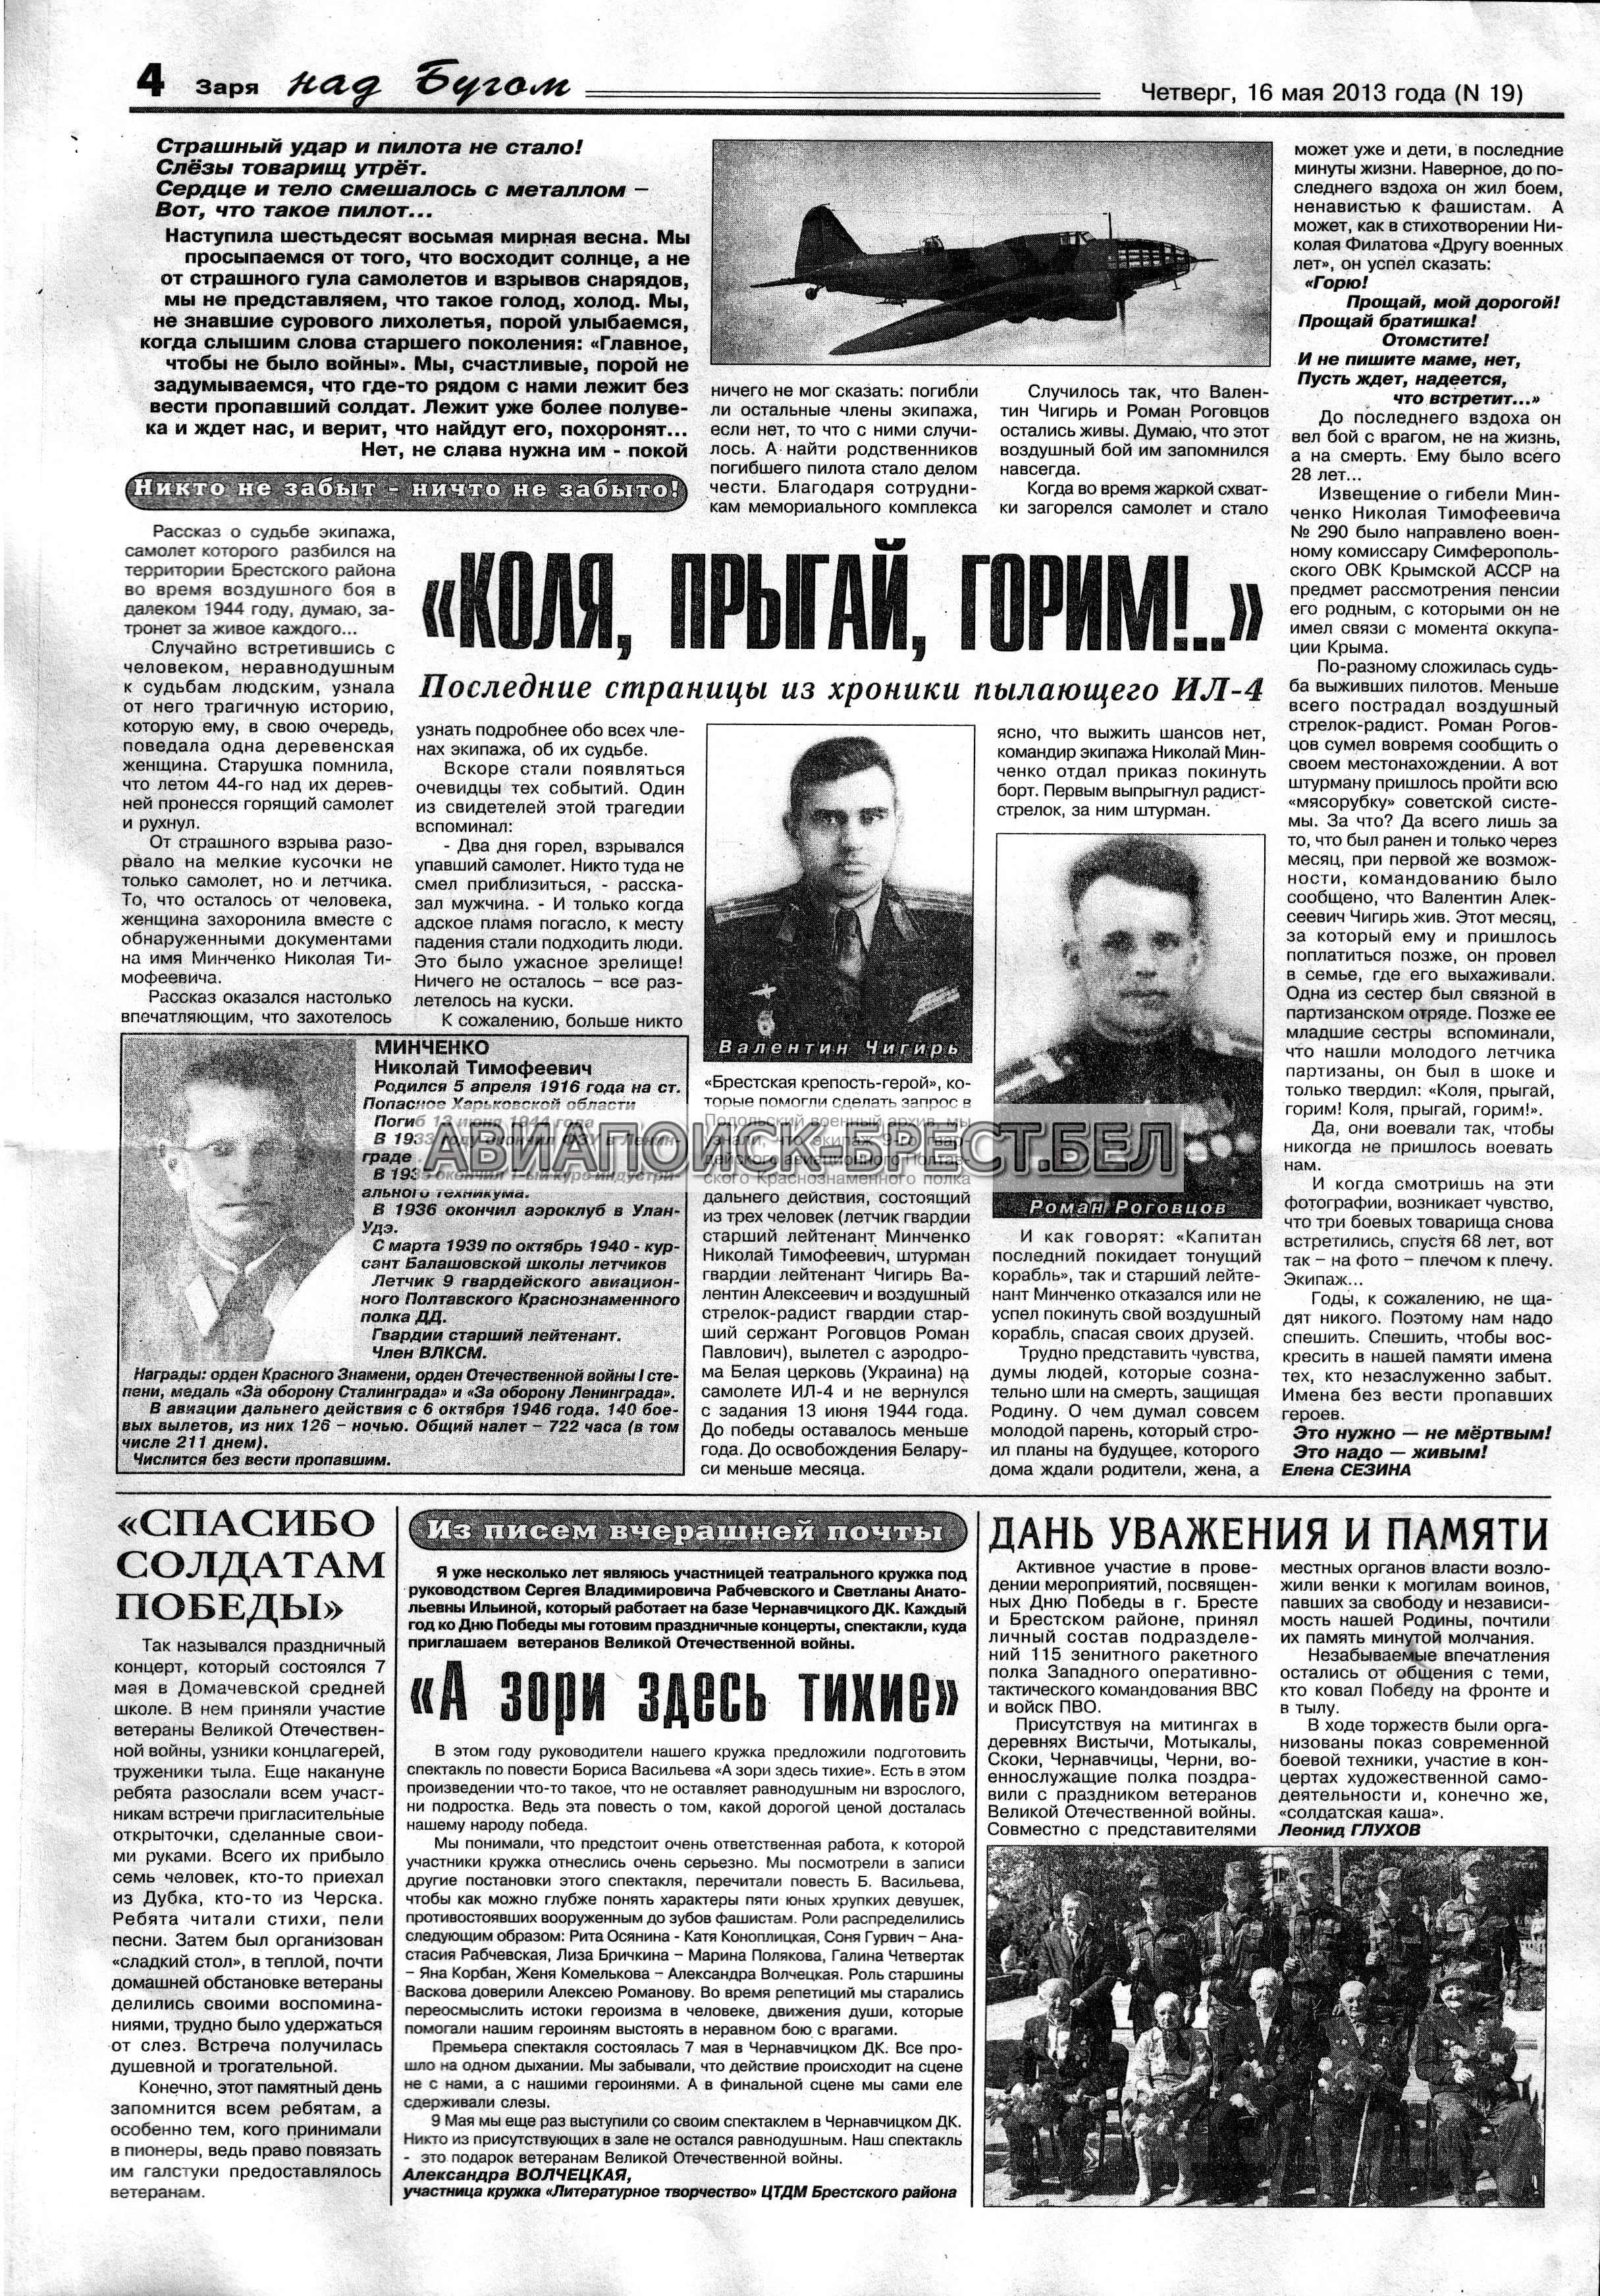 ъем ил-4 - Минченко Н.Т.